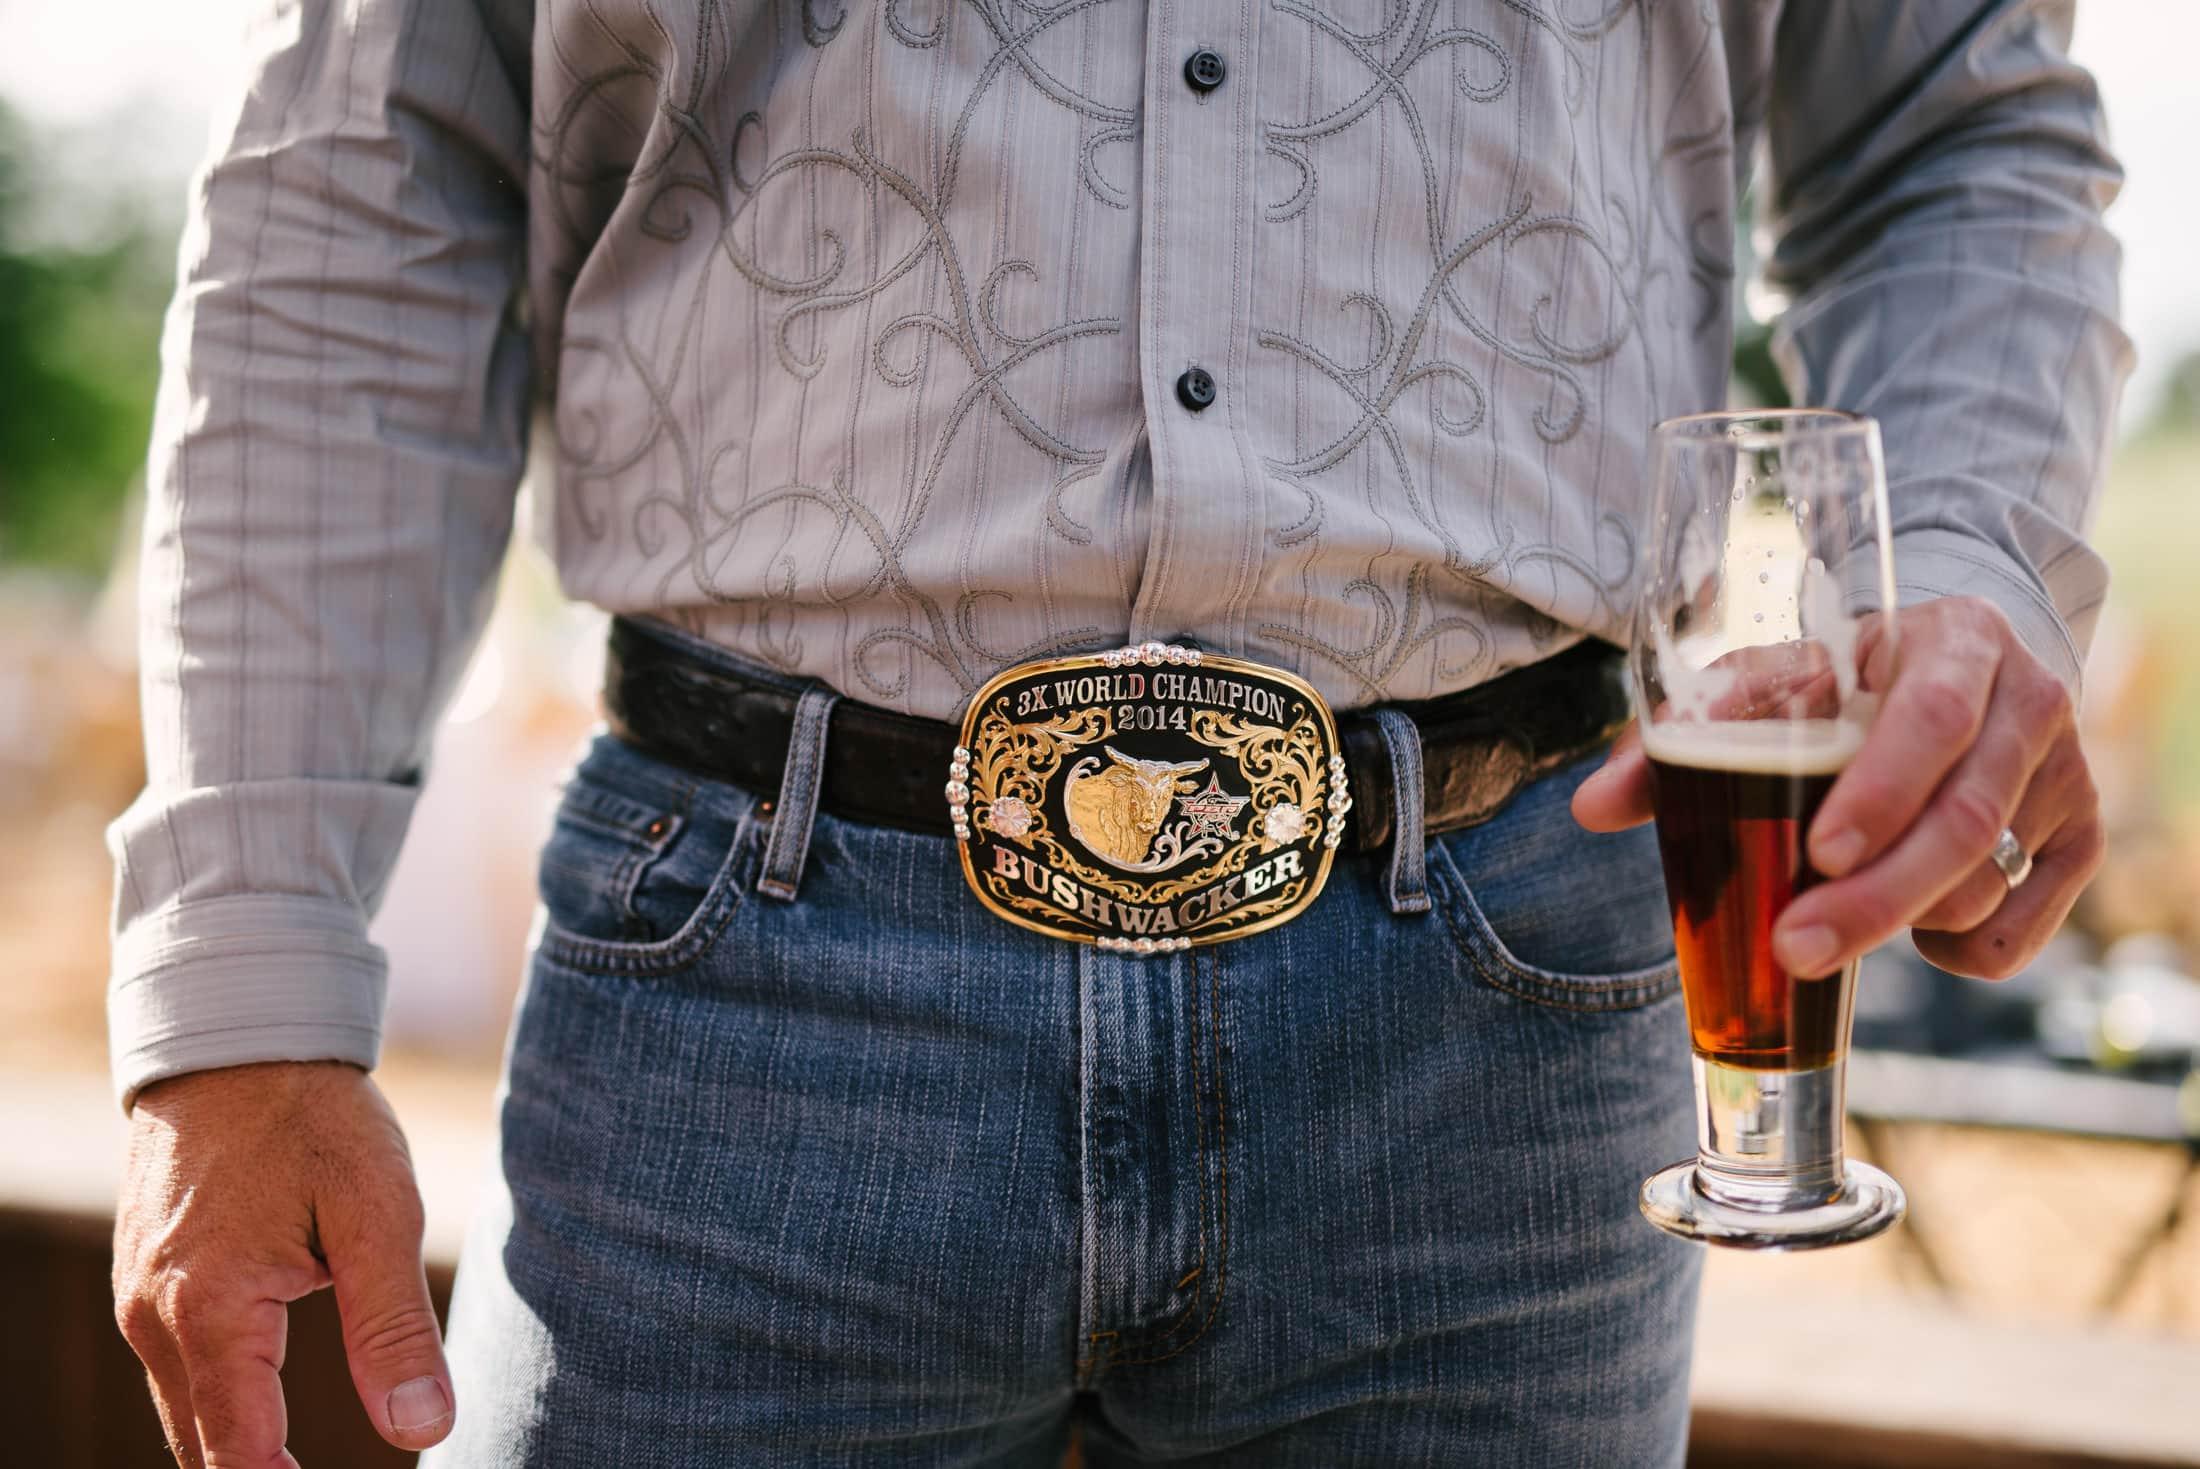 Huge belt buckle